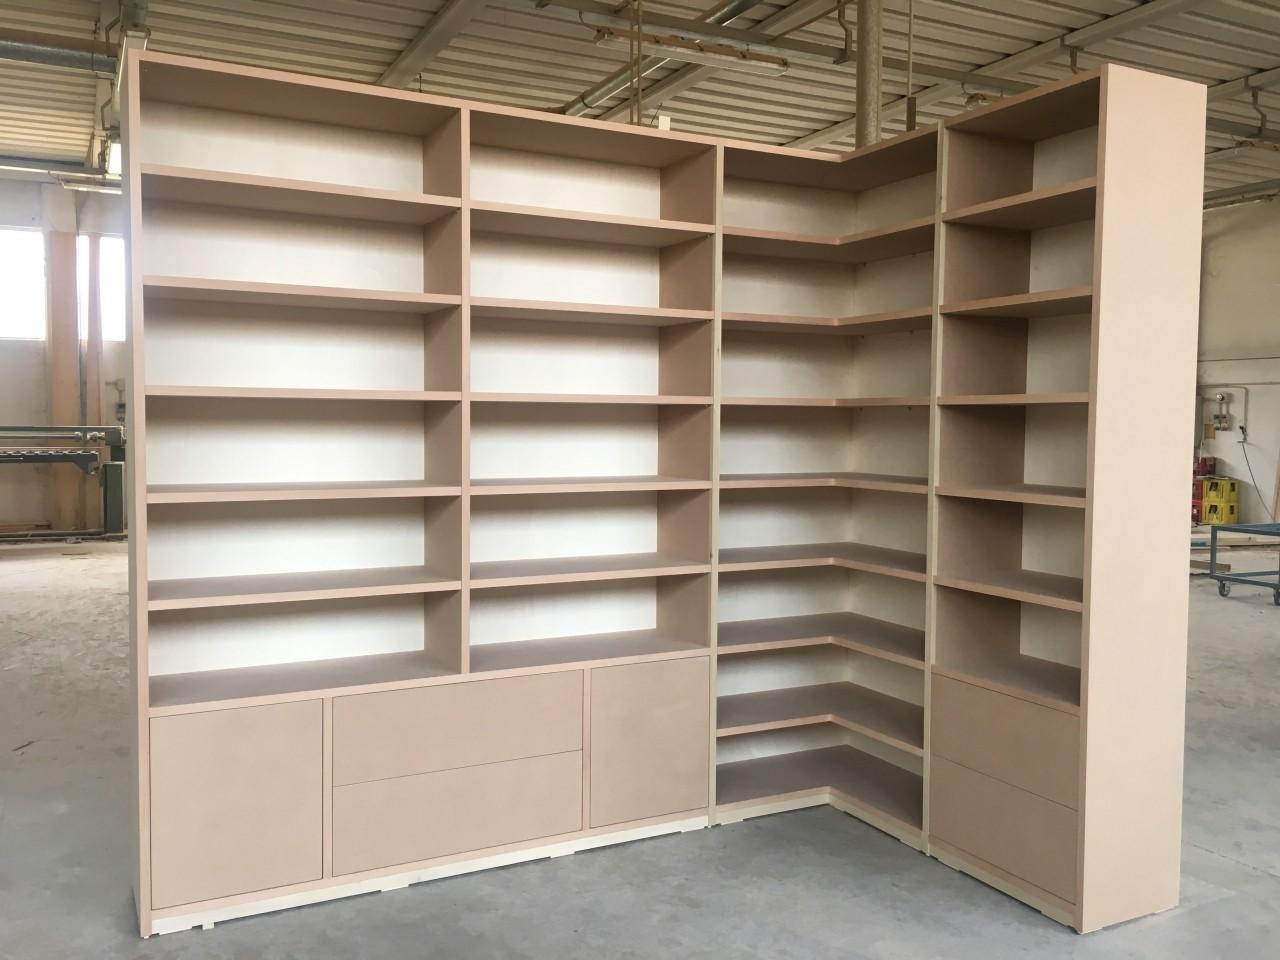 Libreria ad angolo rif tommaso valente armadi bovolone - Di tommaso mobili ...